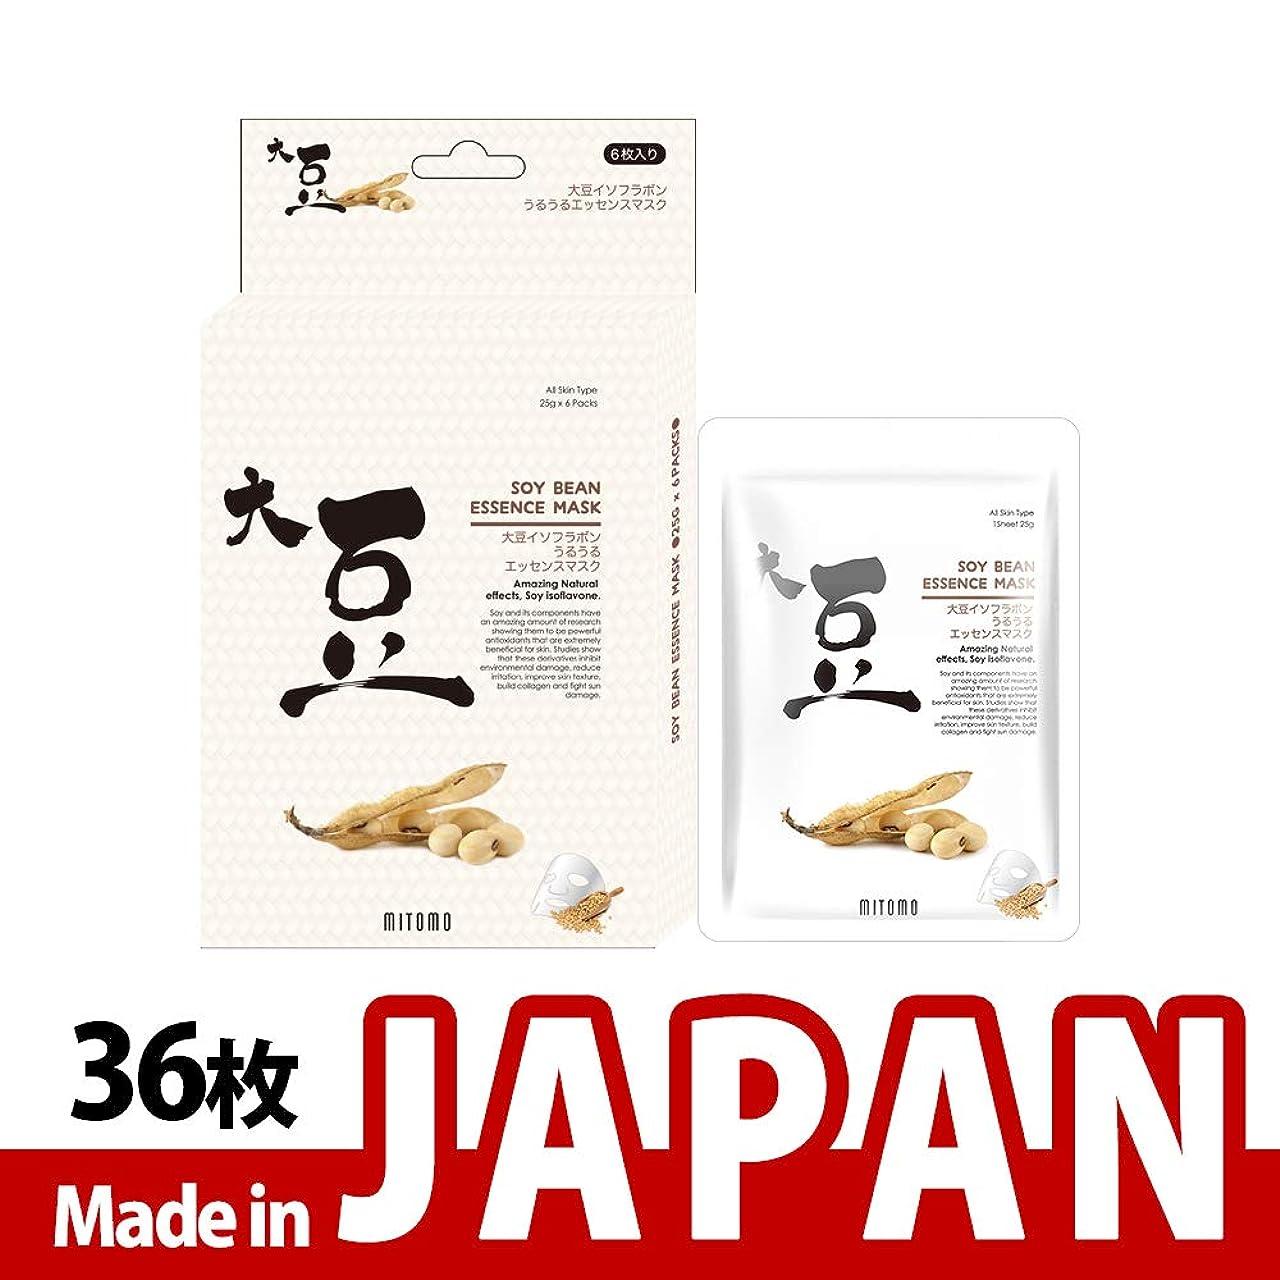 返済もし突っ込むMITOMO【JP512-D-2】日本製シートマスク/6枚入り/36枚/美容液/マスクパック/送料無料